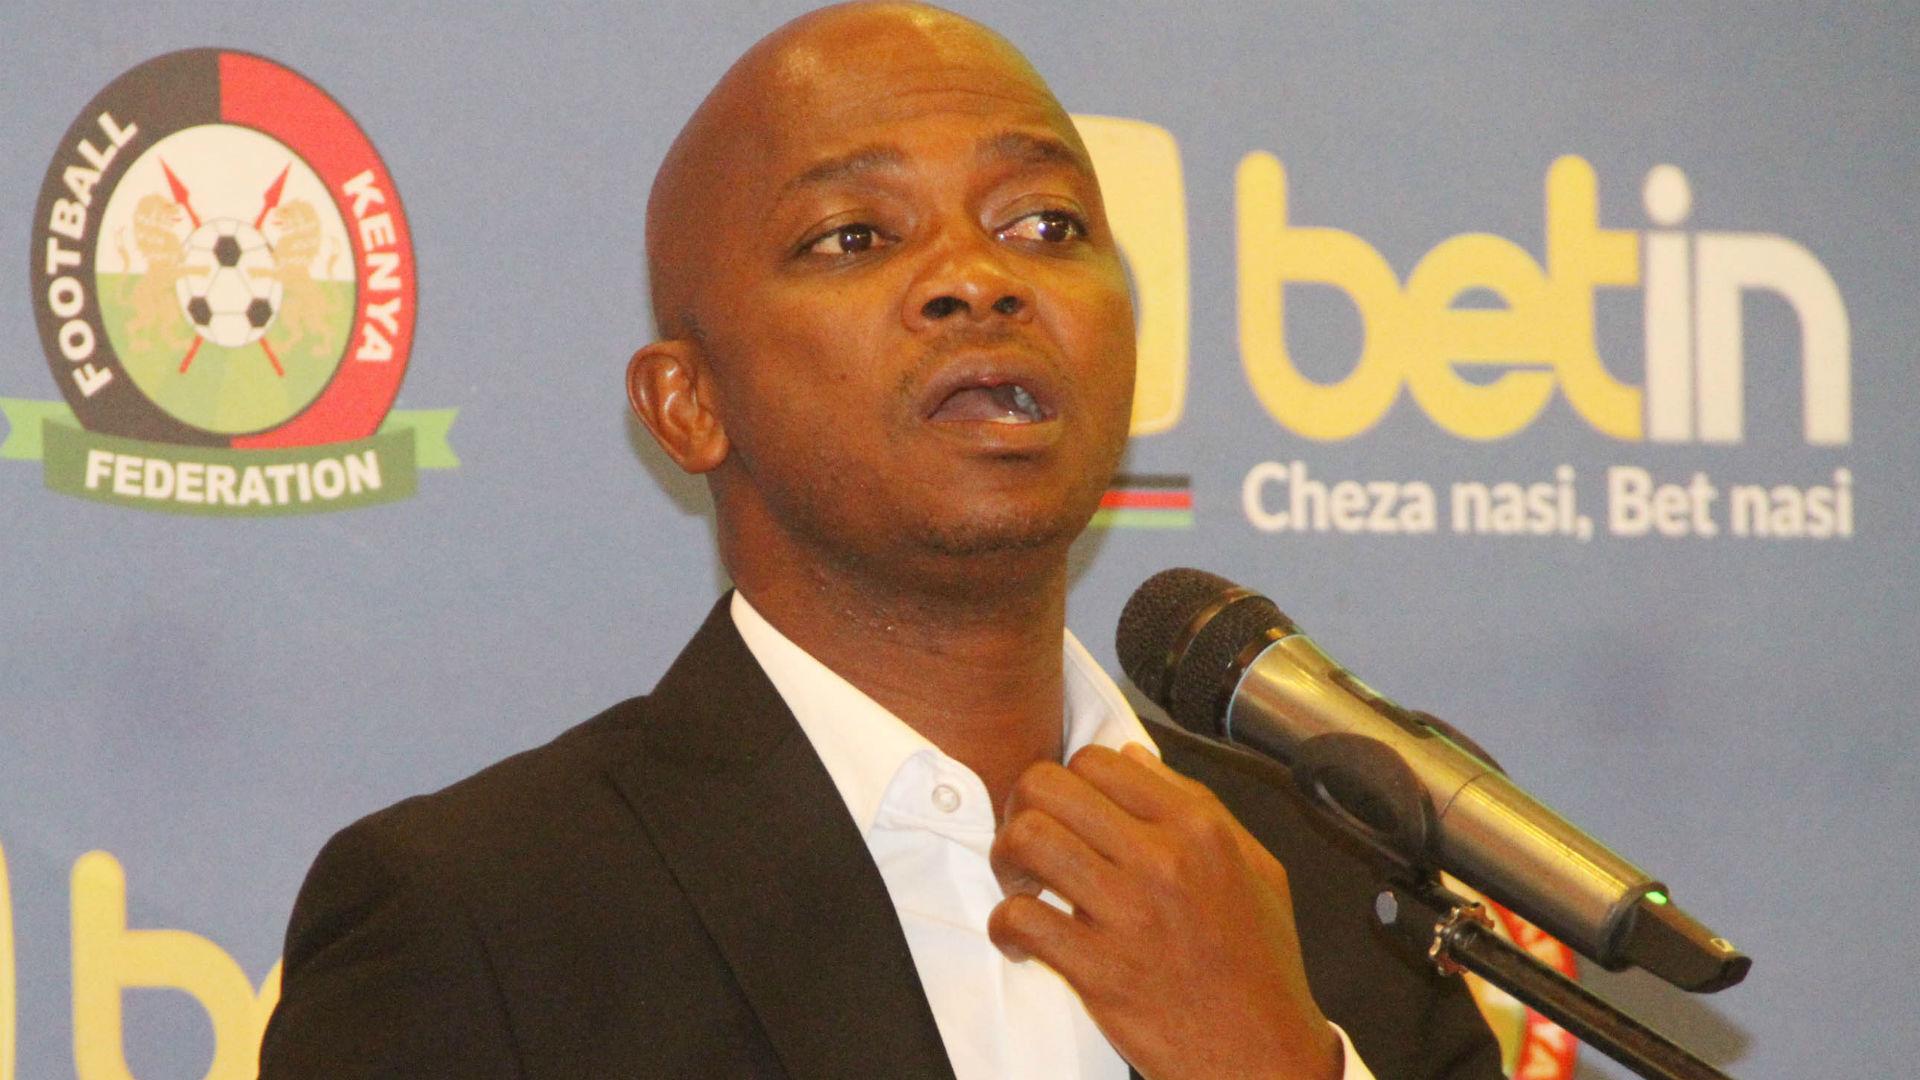 Afcon 2021 Qualifying: Kenya stand a good chance to progress – Nick Mwendwa